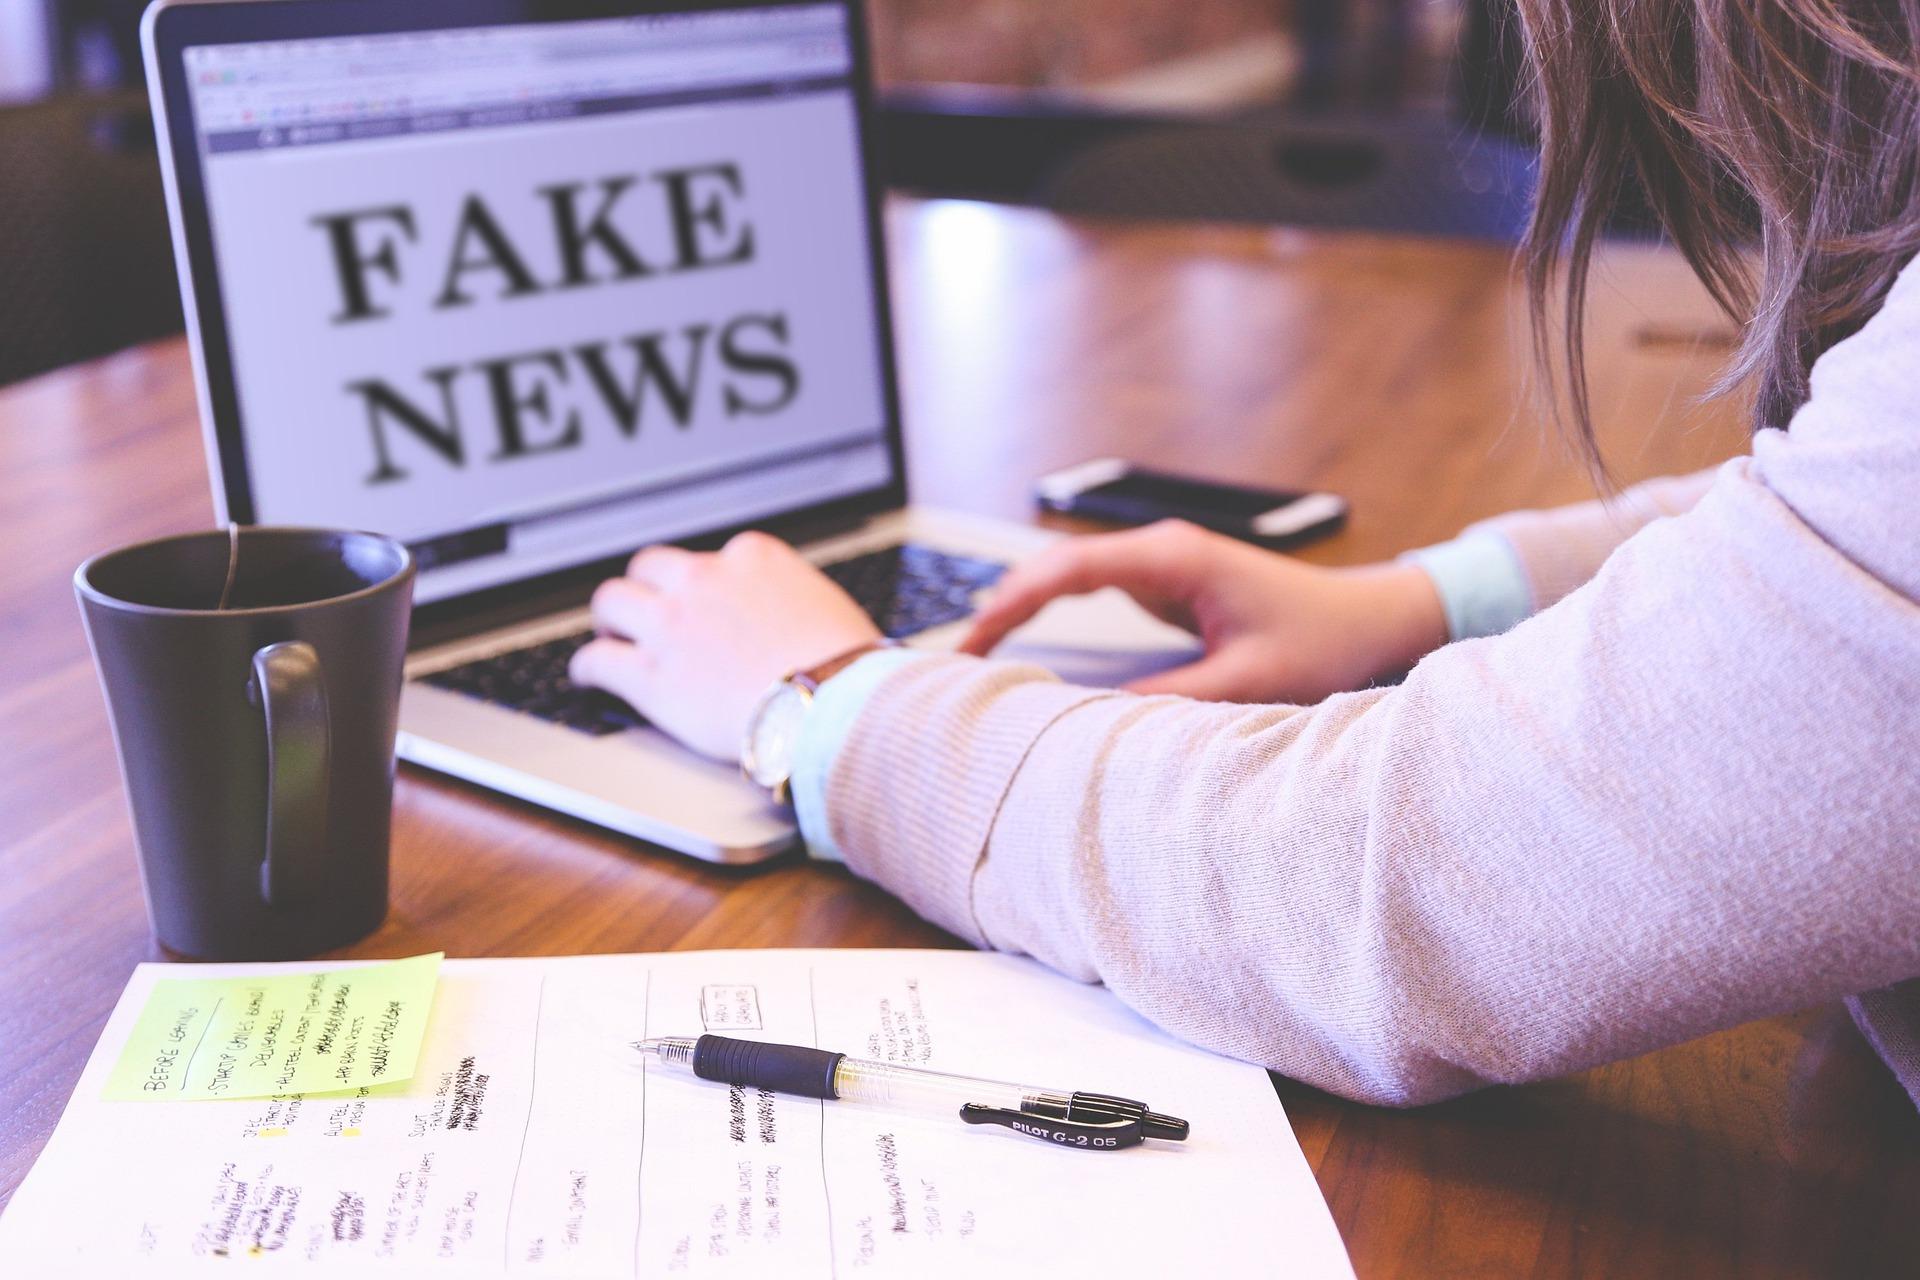 Coronavírus e fake news: como saber o que é verdade?